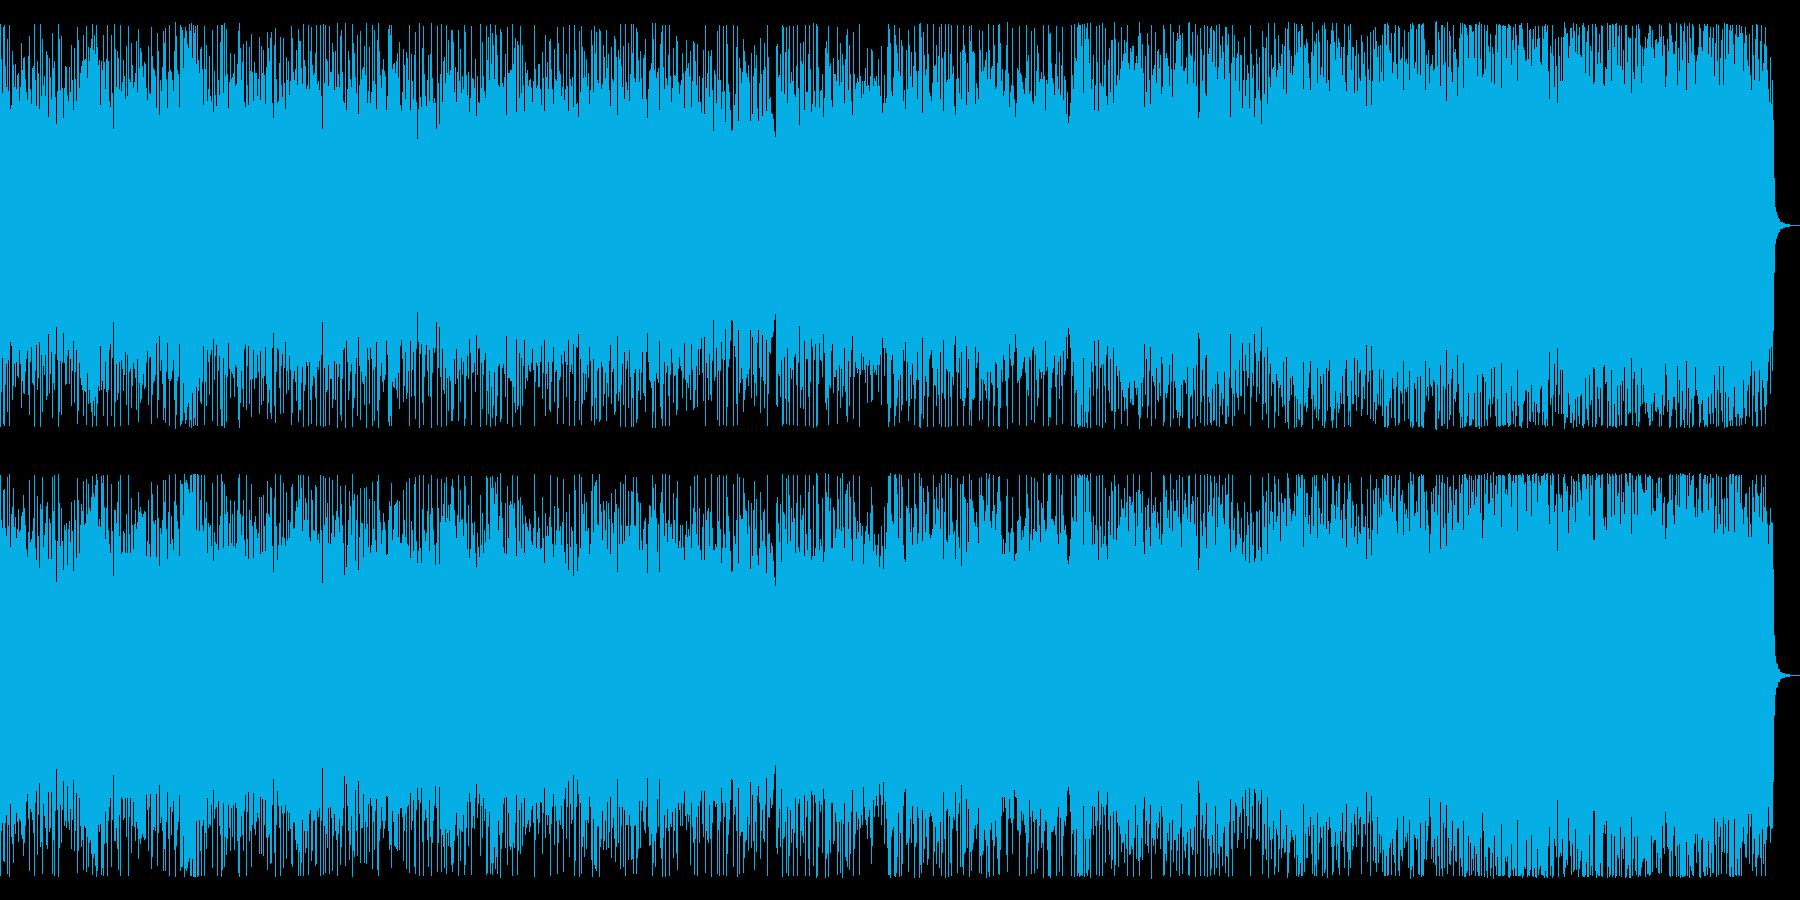 スピードメタル戦闘曲 リフバッキング主体の再生済みの波形